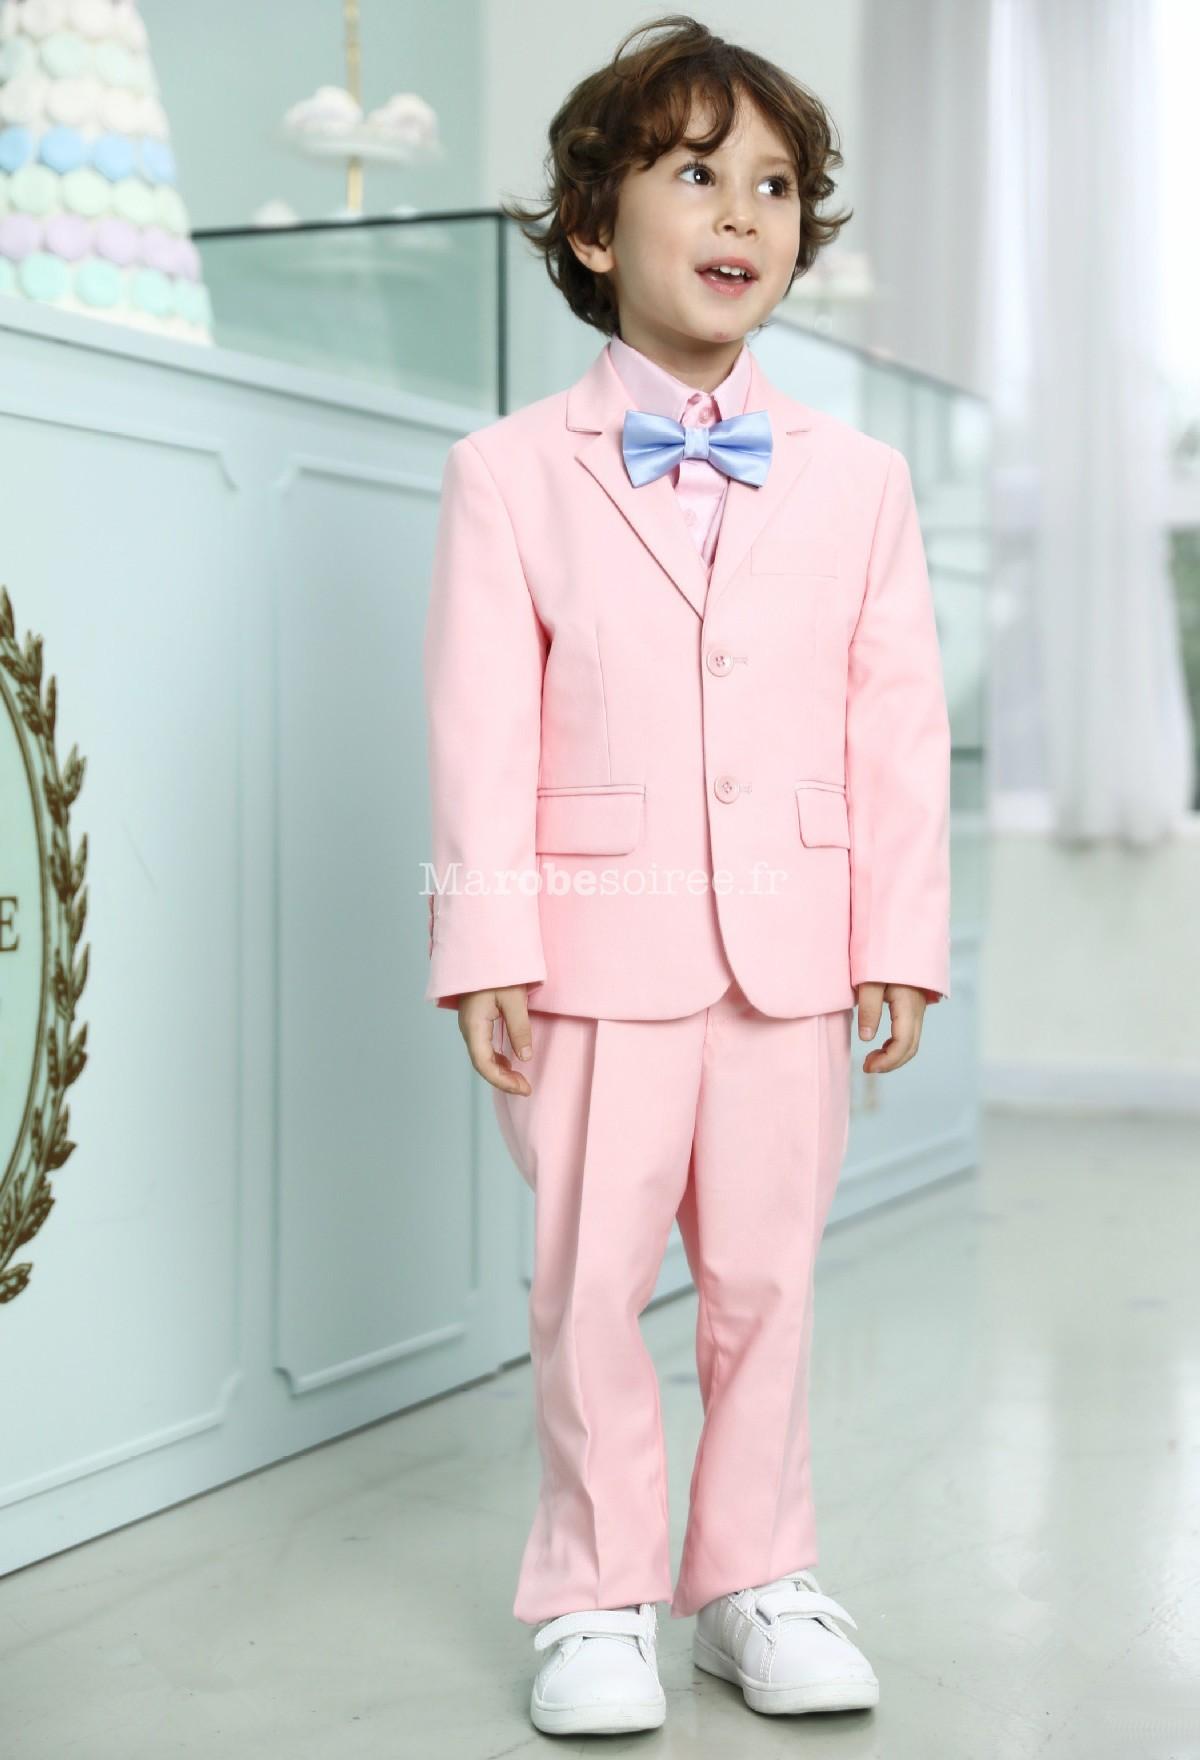 Costume enfant garçon rose pastel  Costume garçon rose pastel pour mariage  Costume  garçon rose pastel ... ace94d83b06